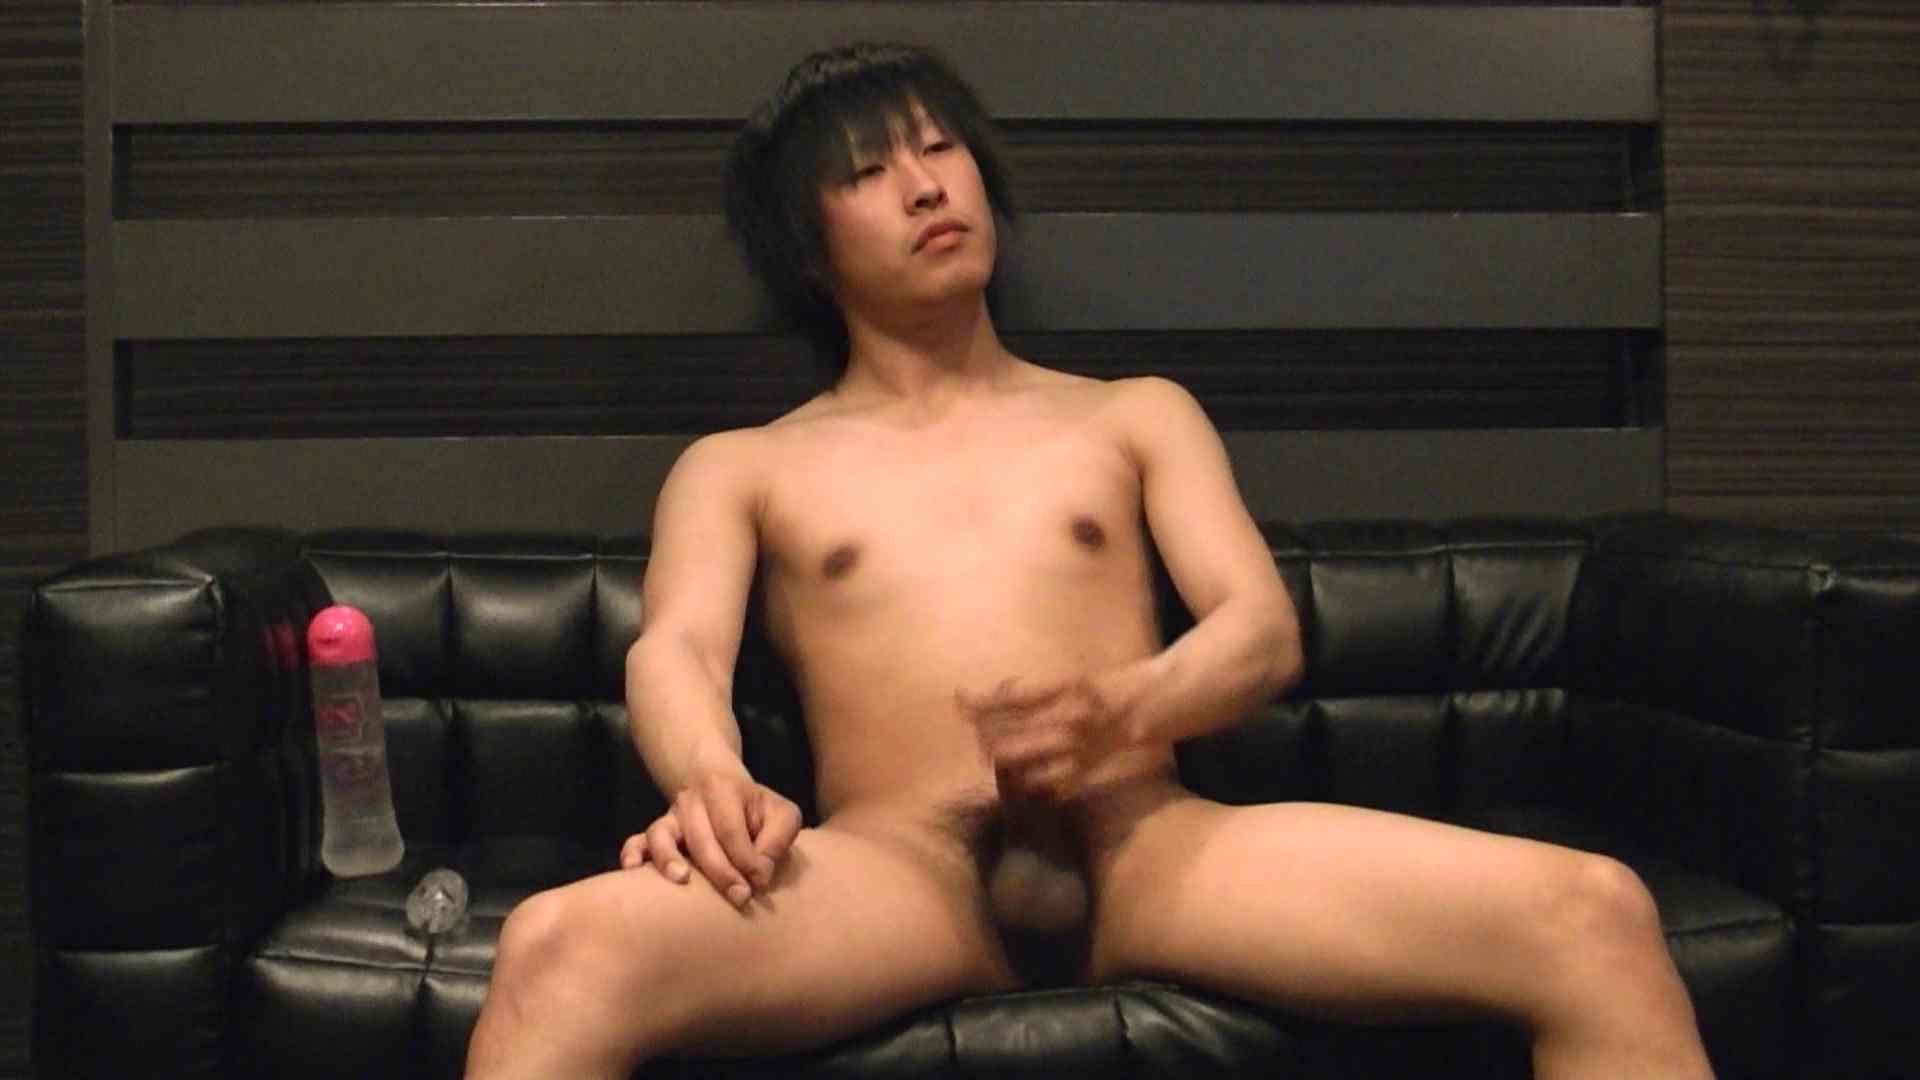 Mr.オナックスさん投稿!HD 貴方のオナニー三万円で撮影させてください。VOL.01 オナニー特集 | スジ筋系ボーイズ  101pic 77